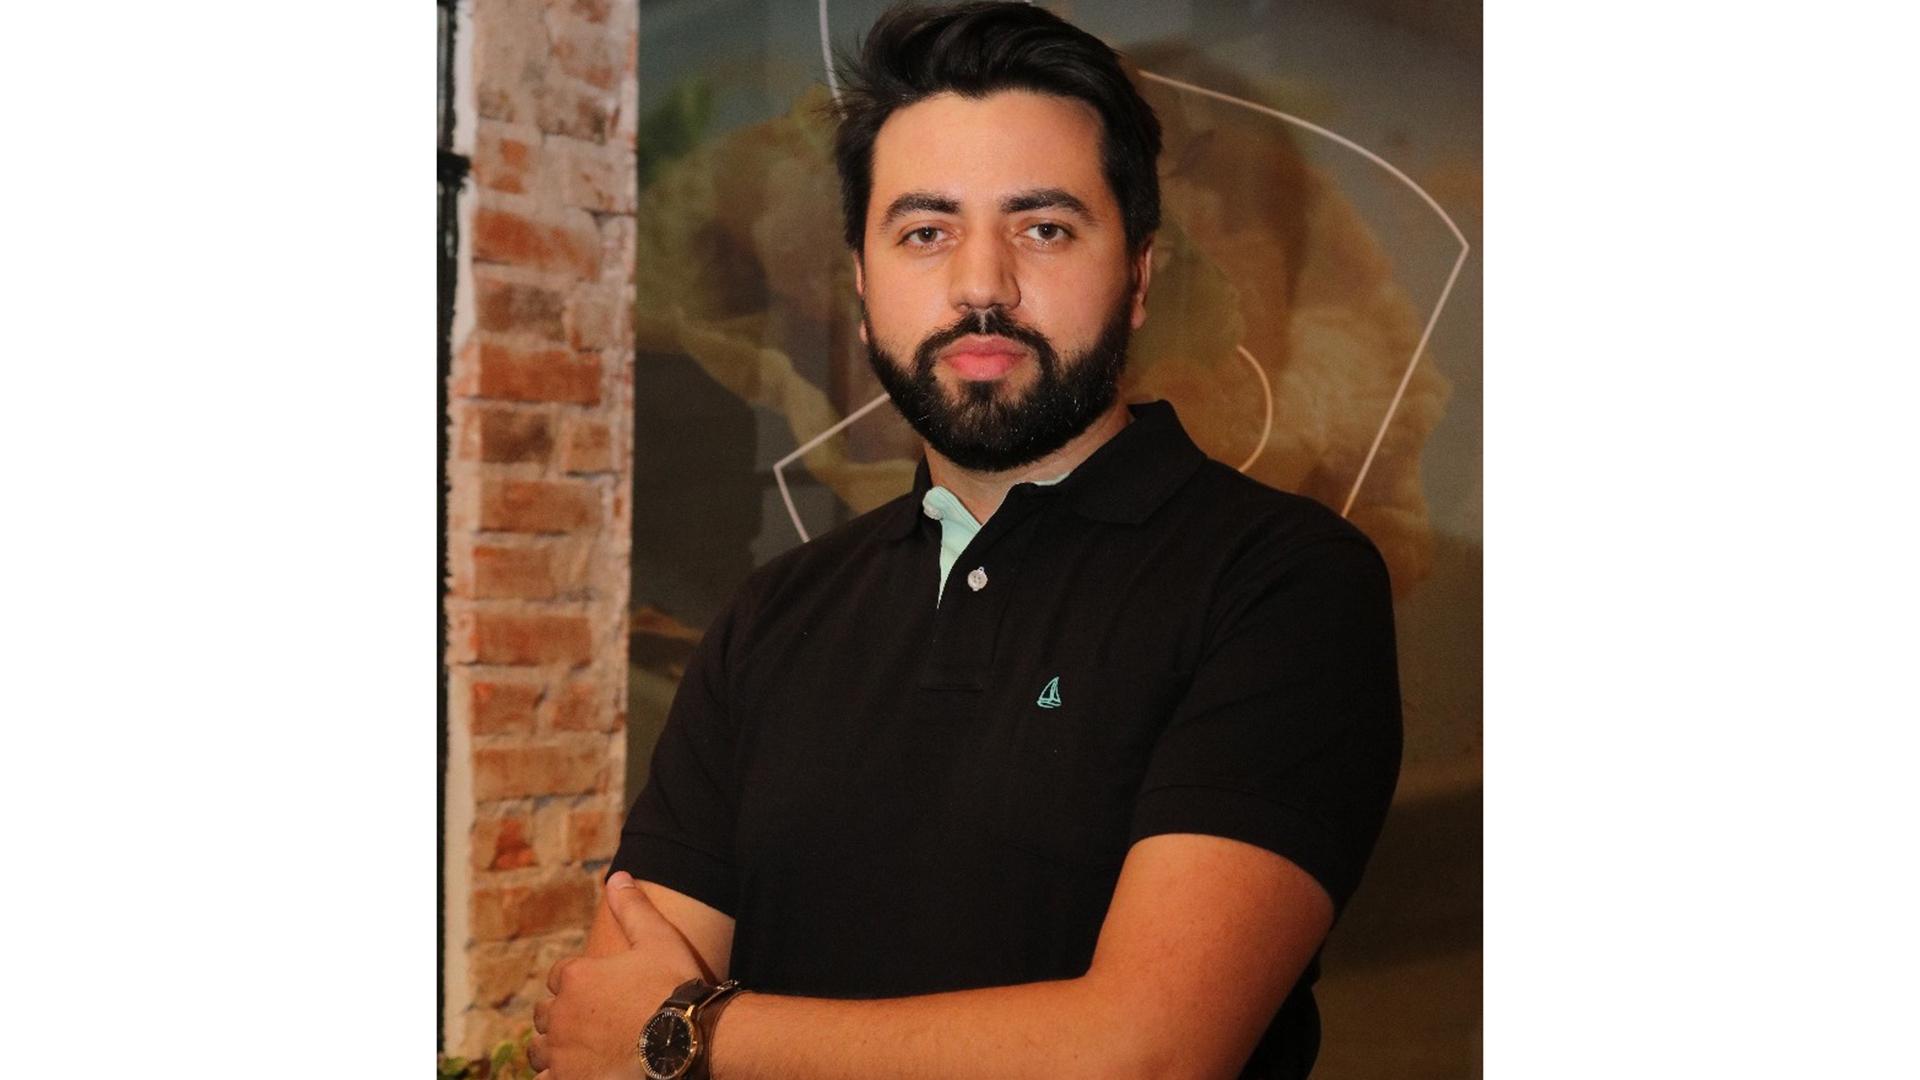 Givago Ferentzse destaca em Curitiba com o uso do conceito Soho na gastronomia.